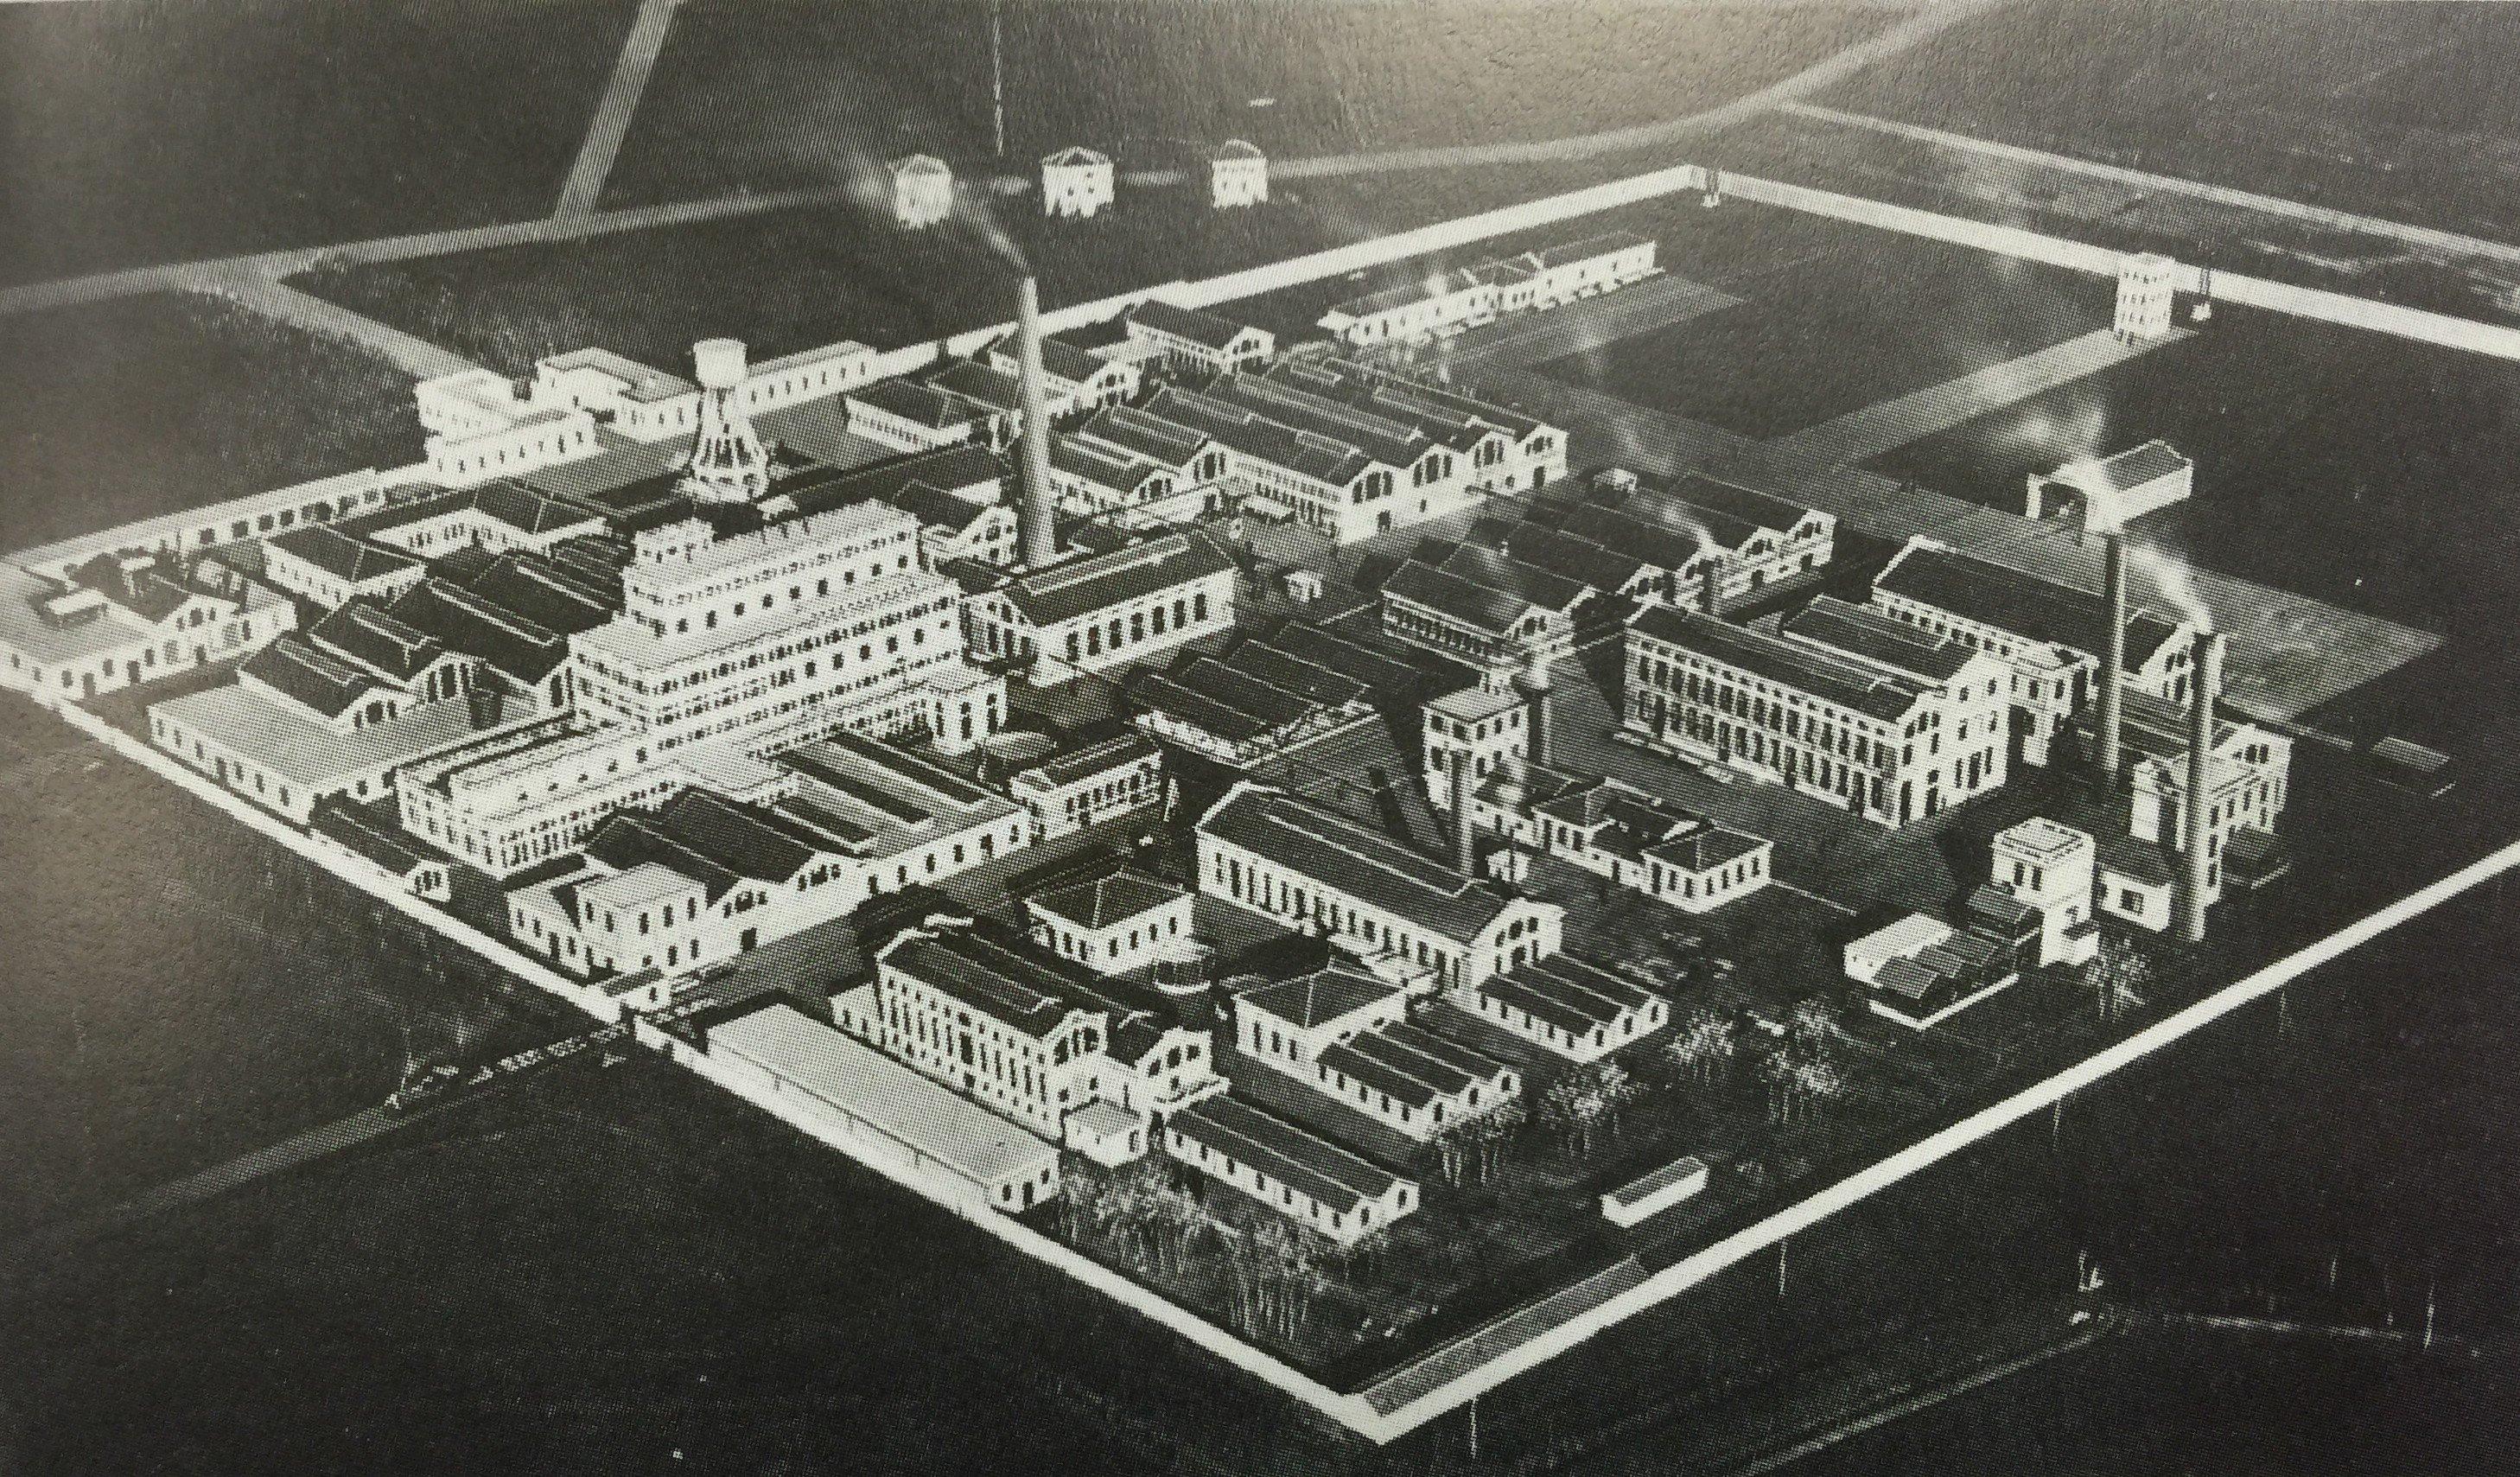 santa-giulia-una-veduta-aerea-credo-unica-della-appula-società-per-lindustria-chimica-in-italia-costruita-a-morsenchio-nel-1920-lungo-la-via-bonfadini